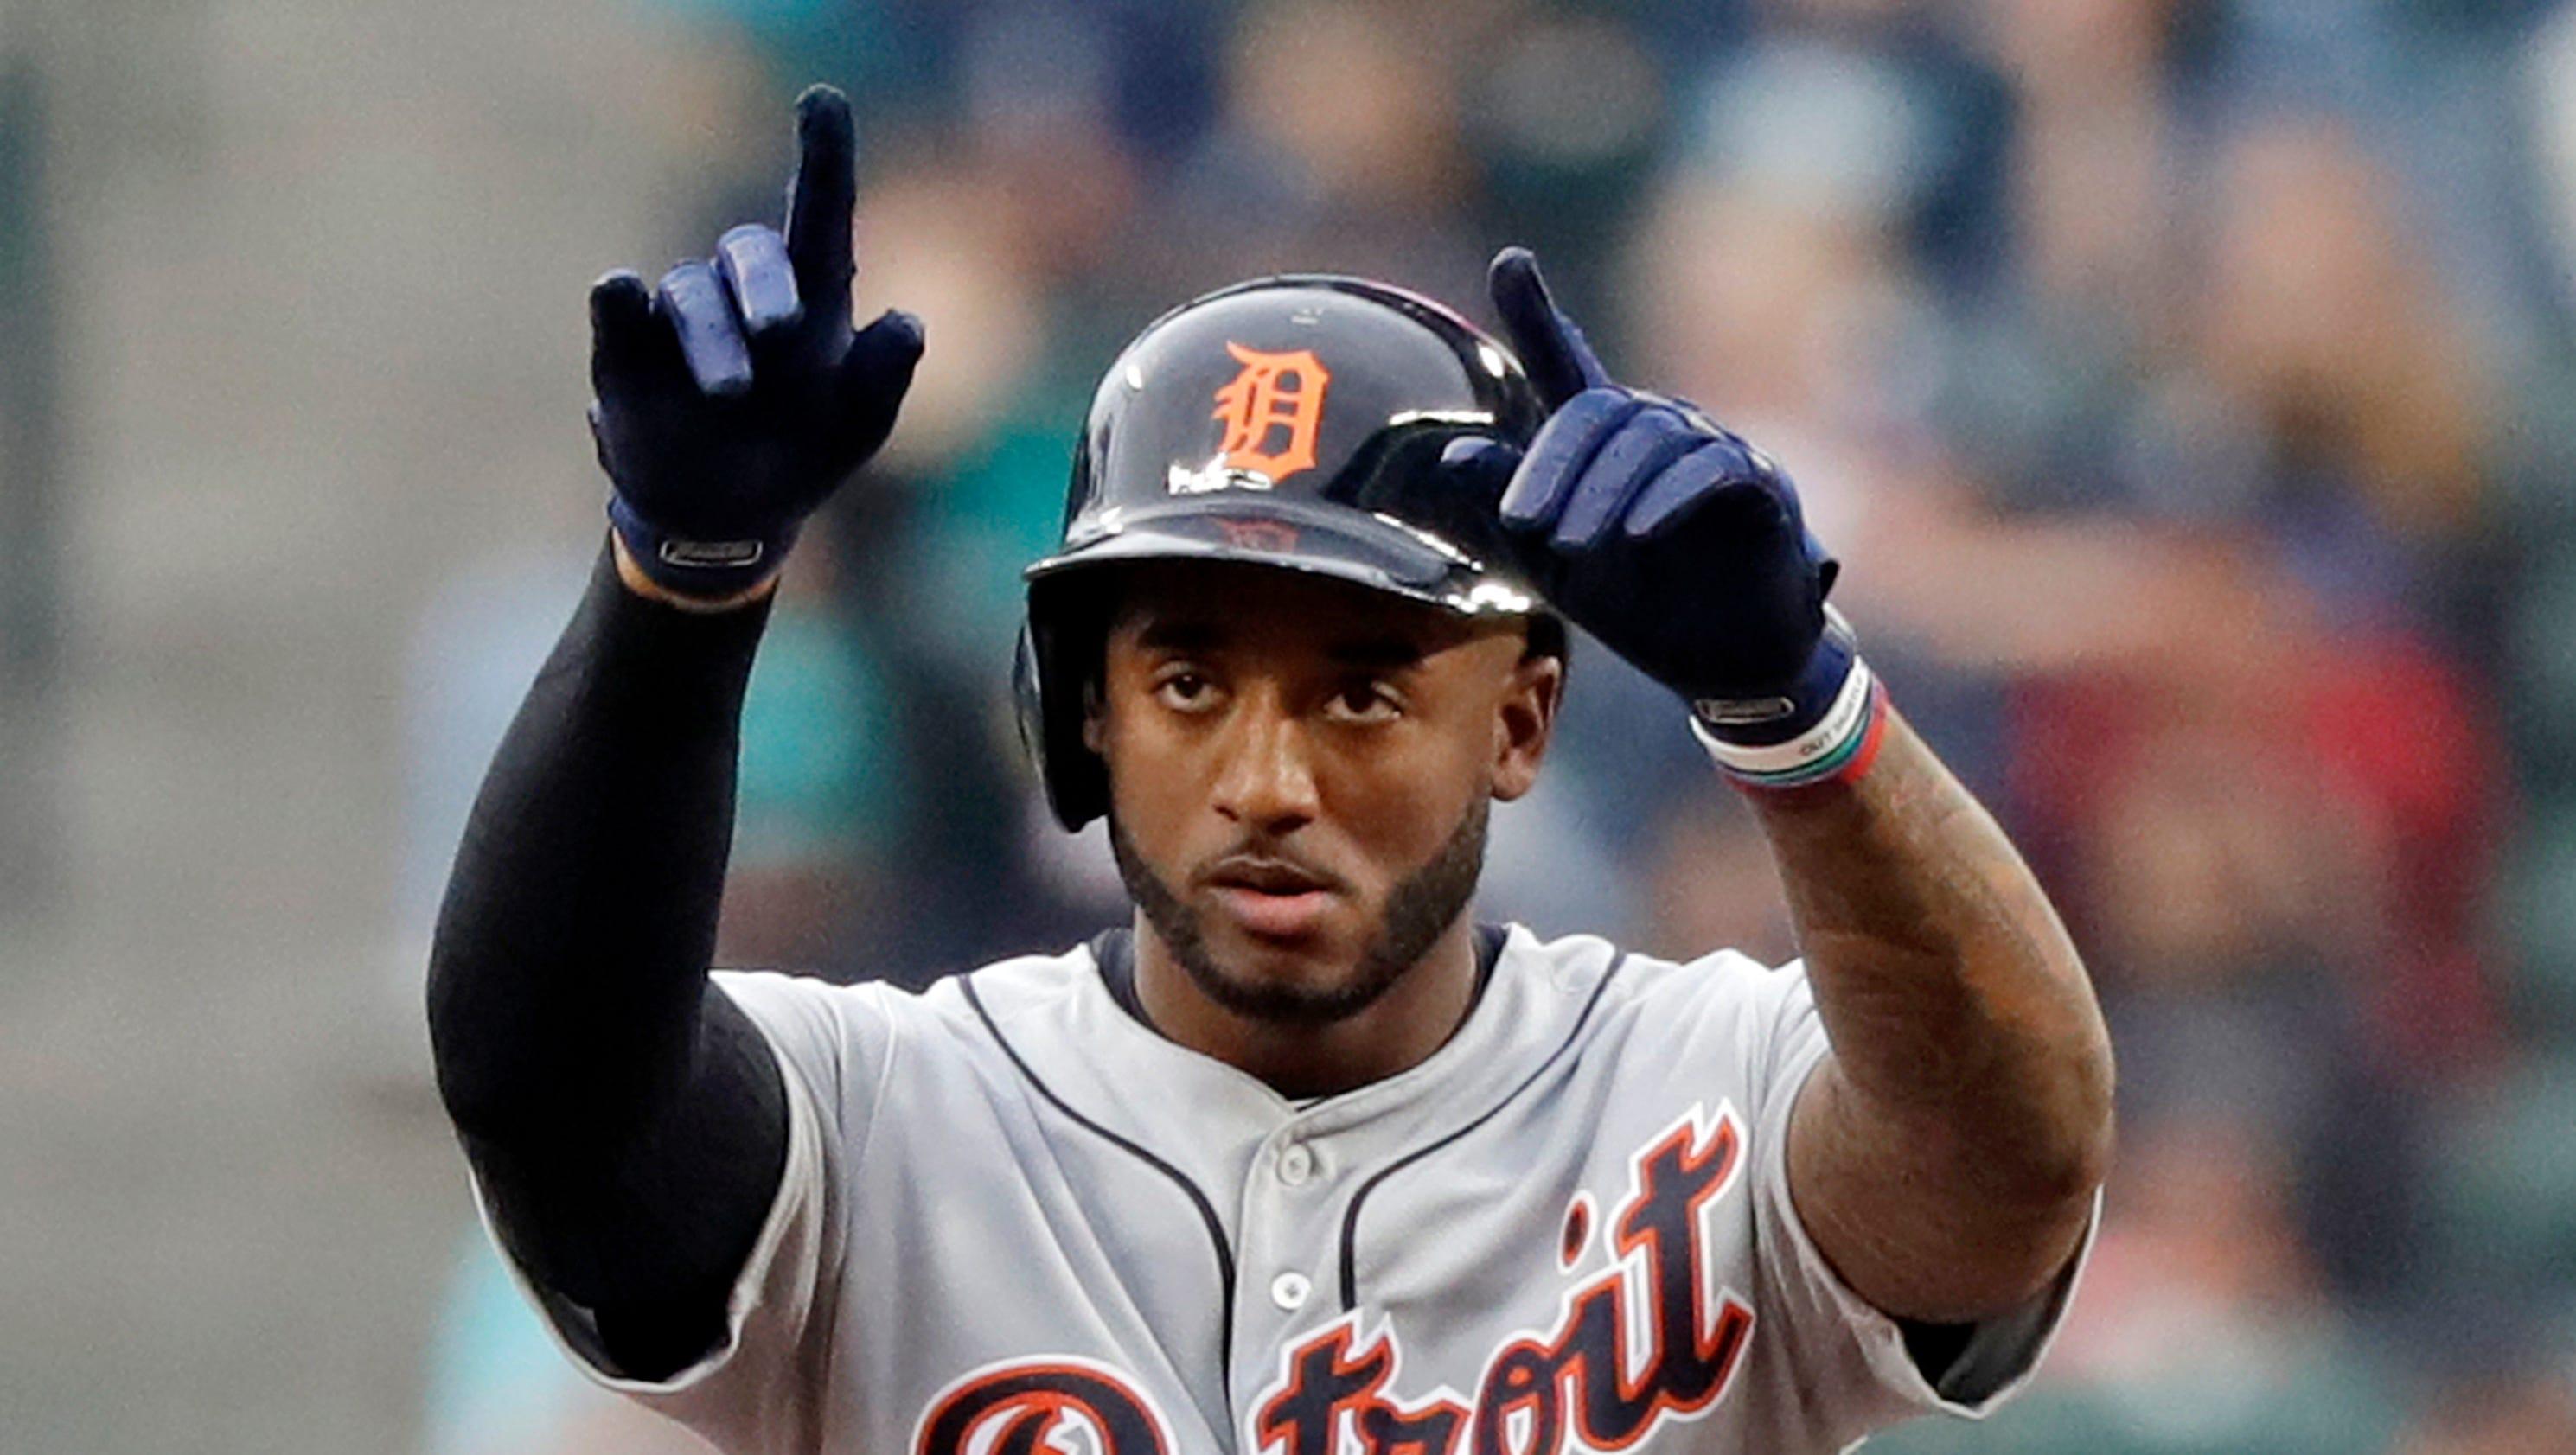 636622828281659083-ap-tigers-mariners-baseball-4-